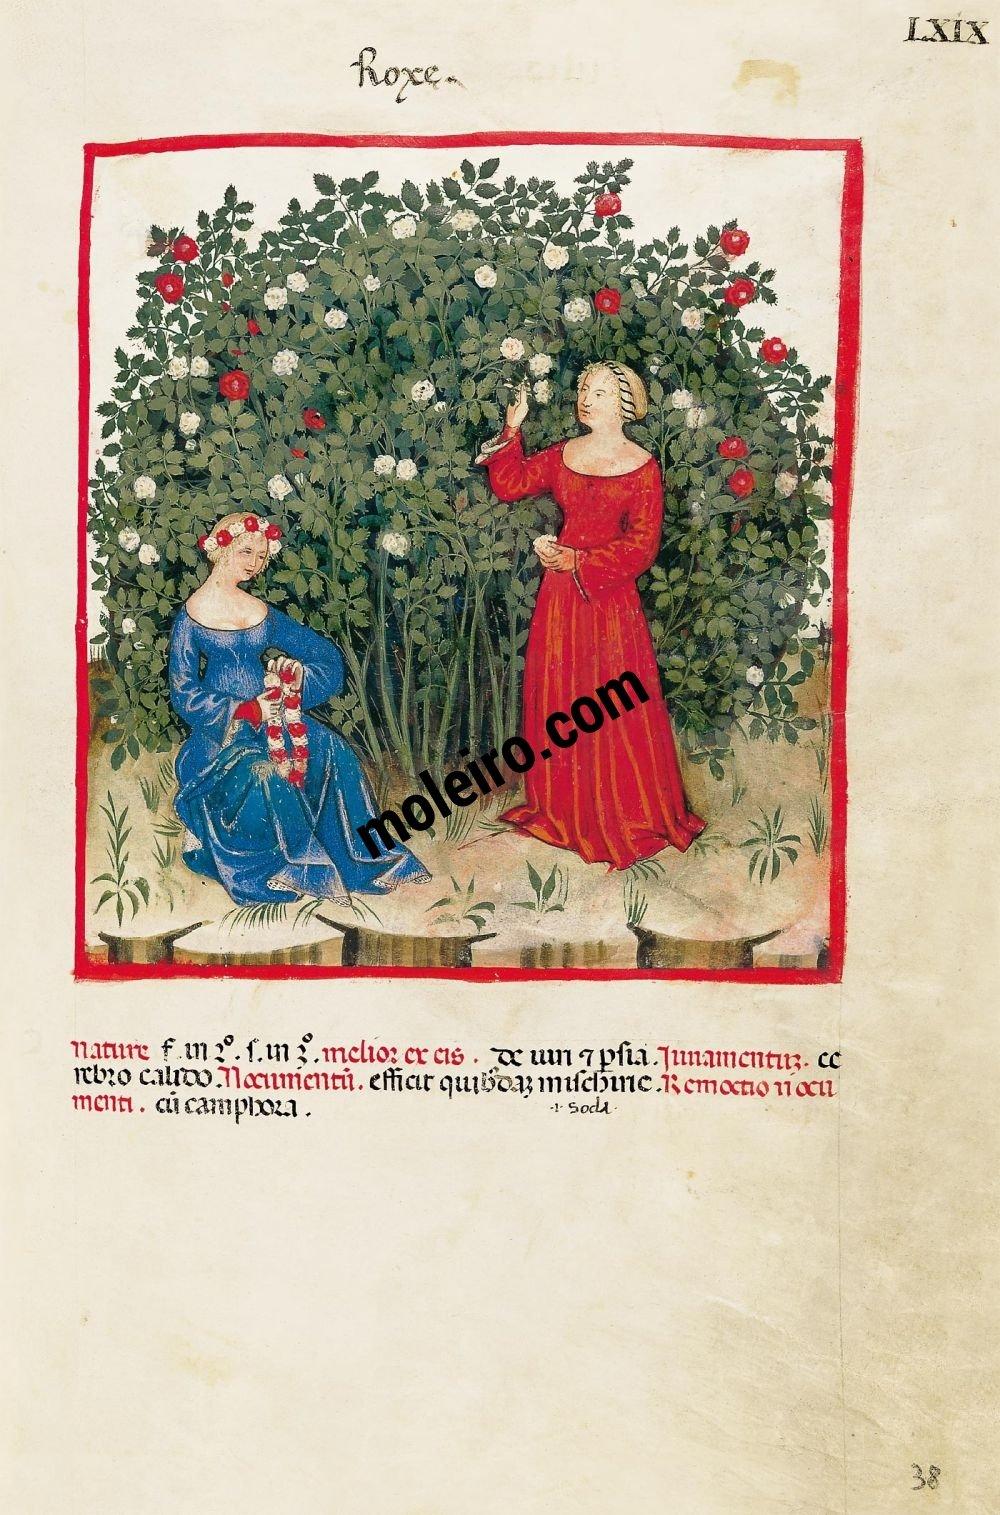 Theatrum Sanitatis f. LXIX, Roses